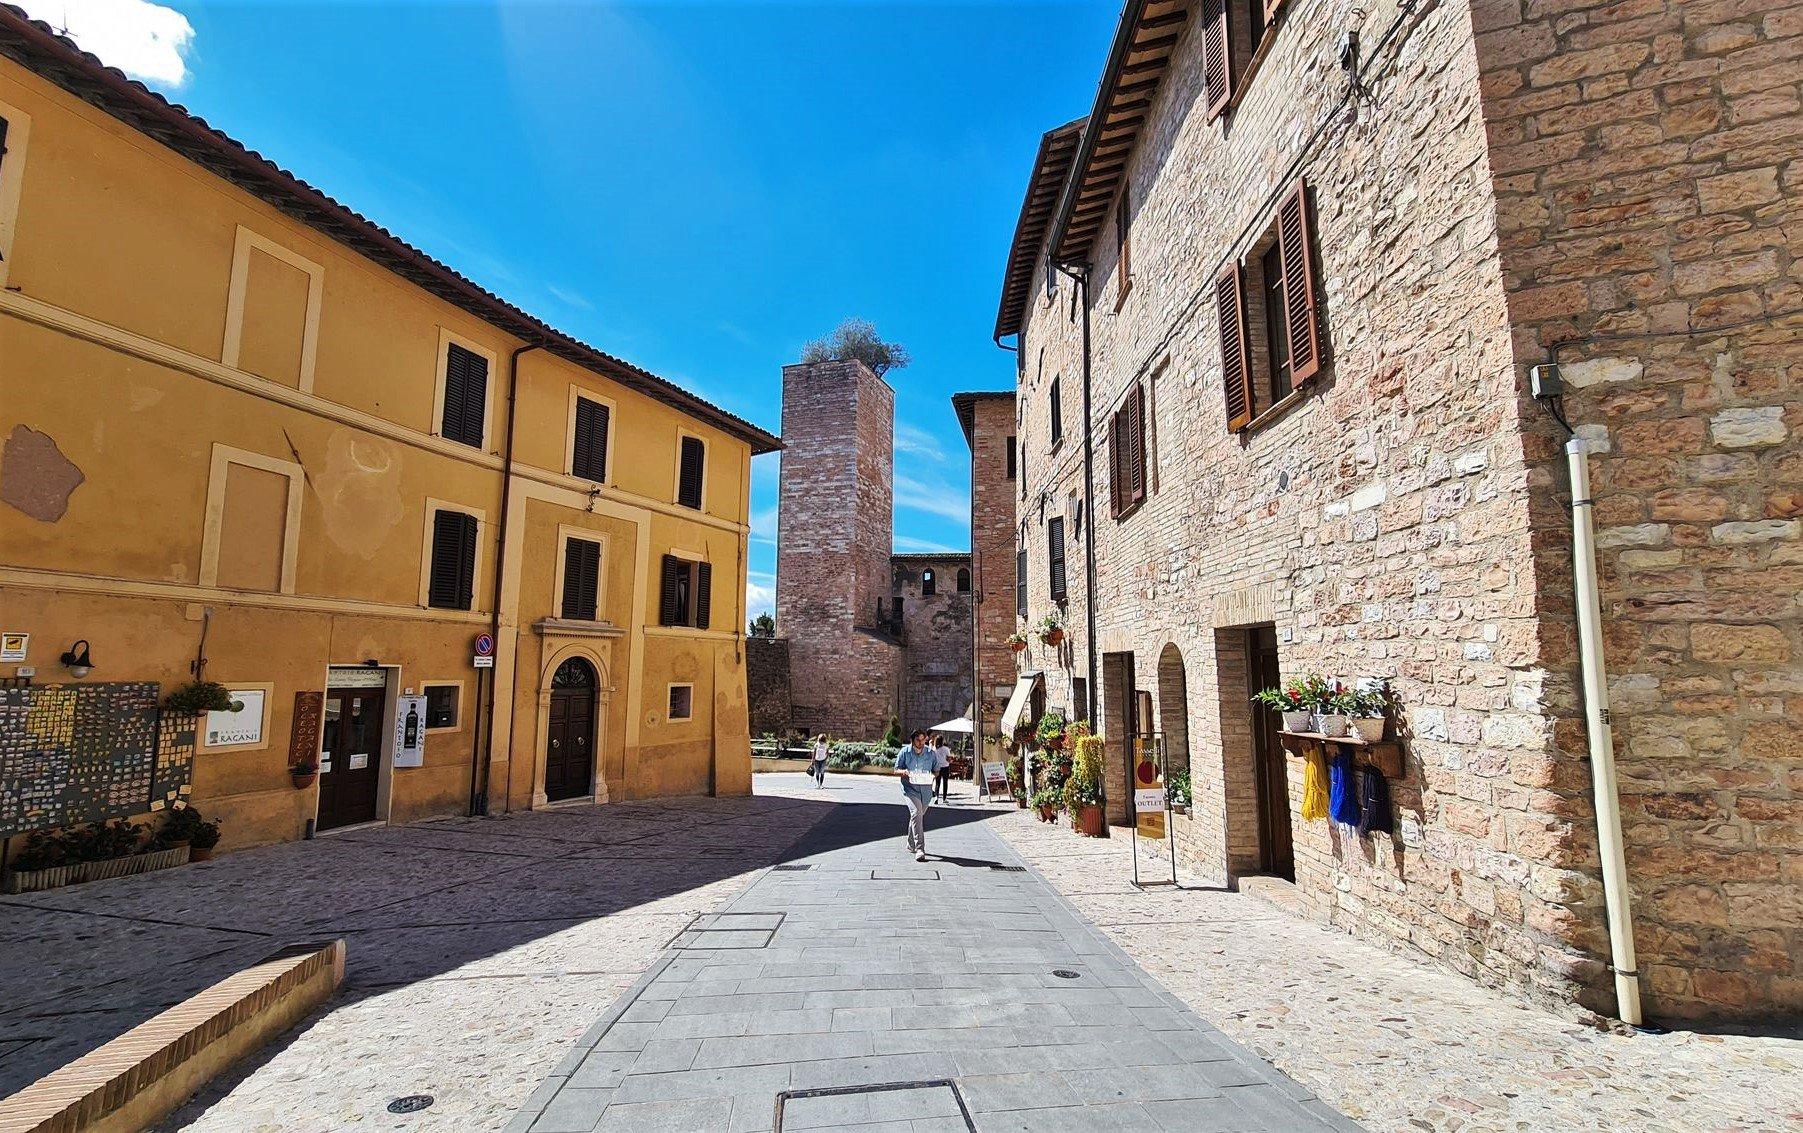 Passeggiata in centro a Spello in Umbria